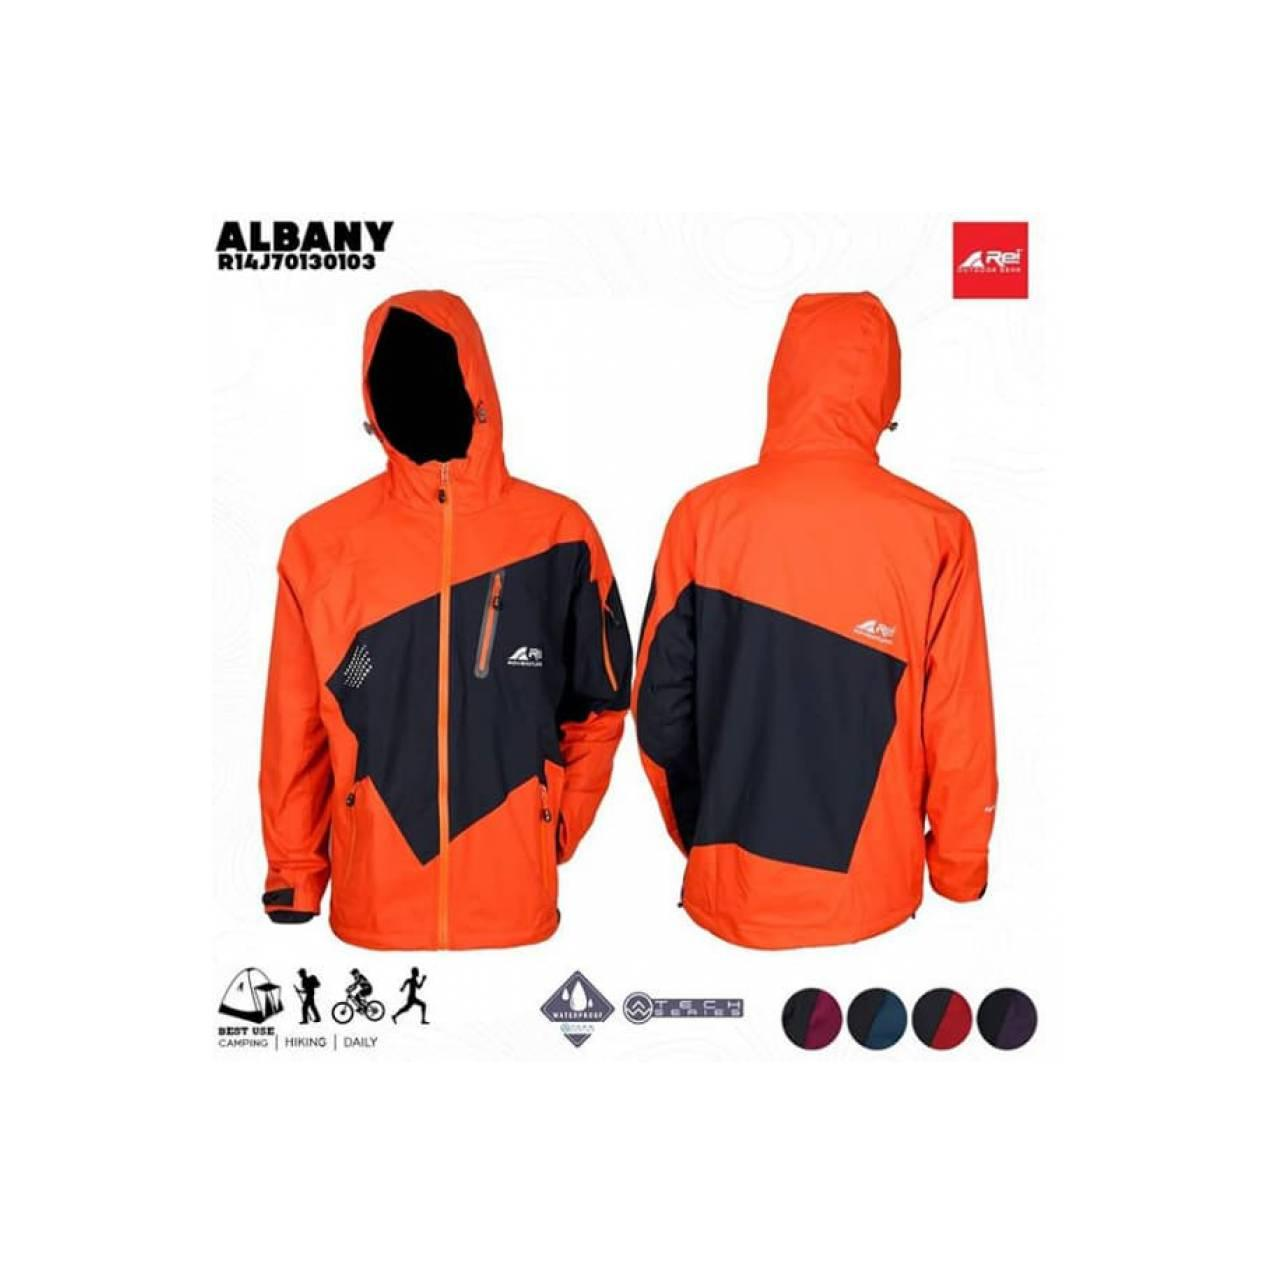 Jaket Gunung Rei Albany